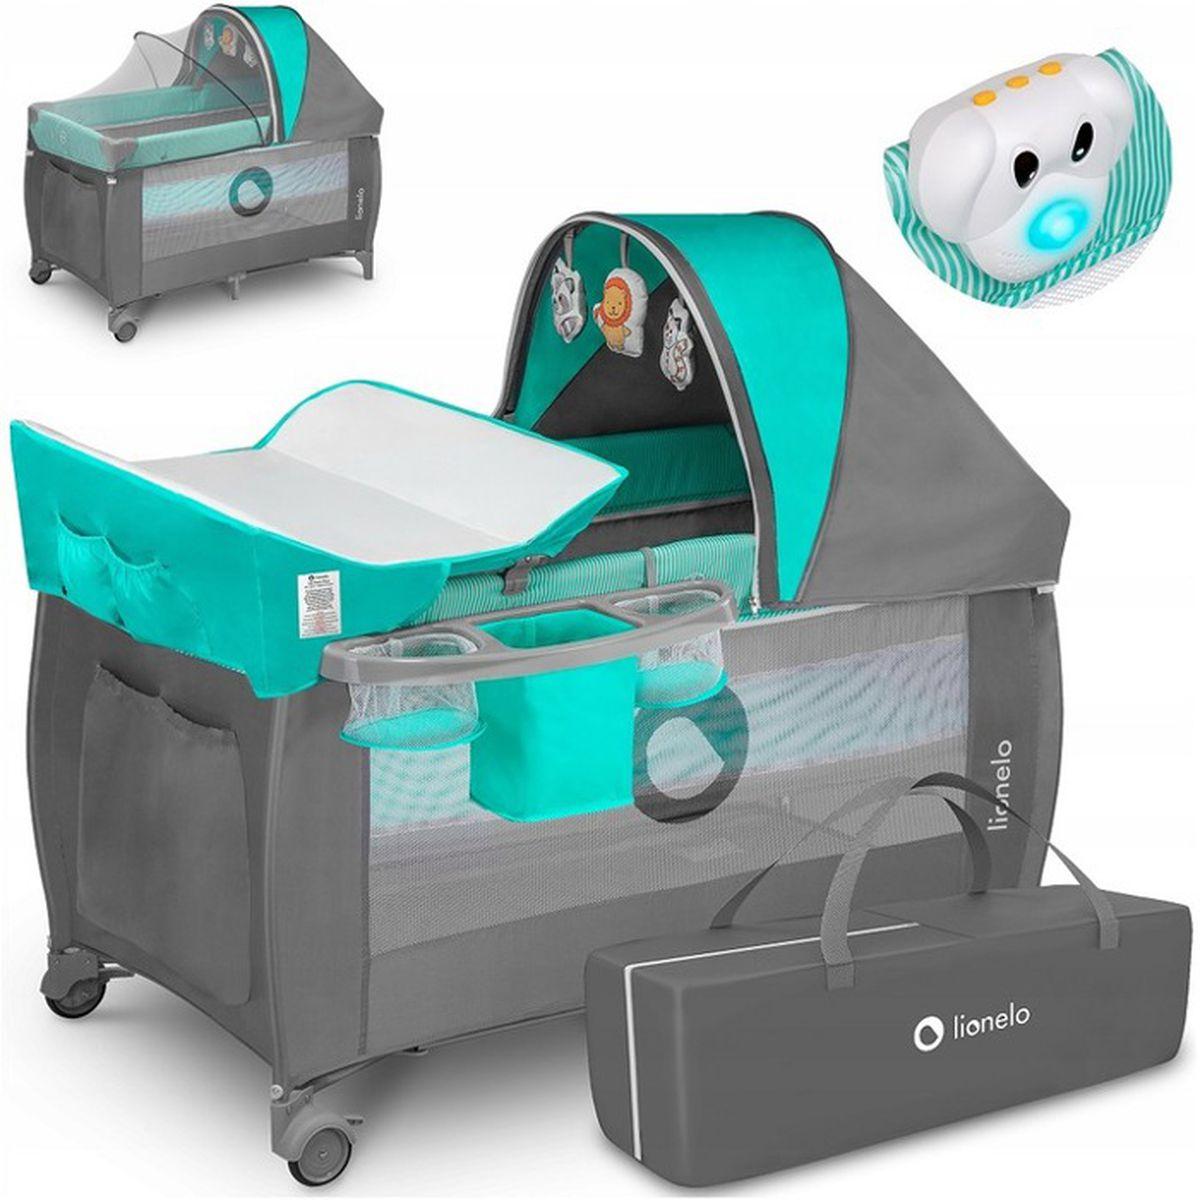 660feb17a12510 Lit parapluie bébé SVEN PLUS , avec sac de transport - 4 couleurs ...